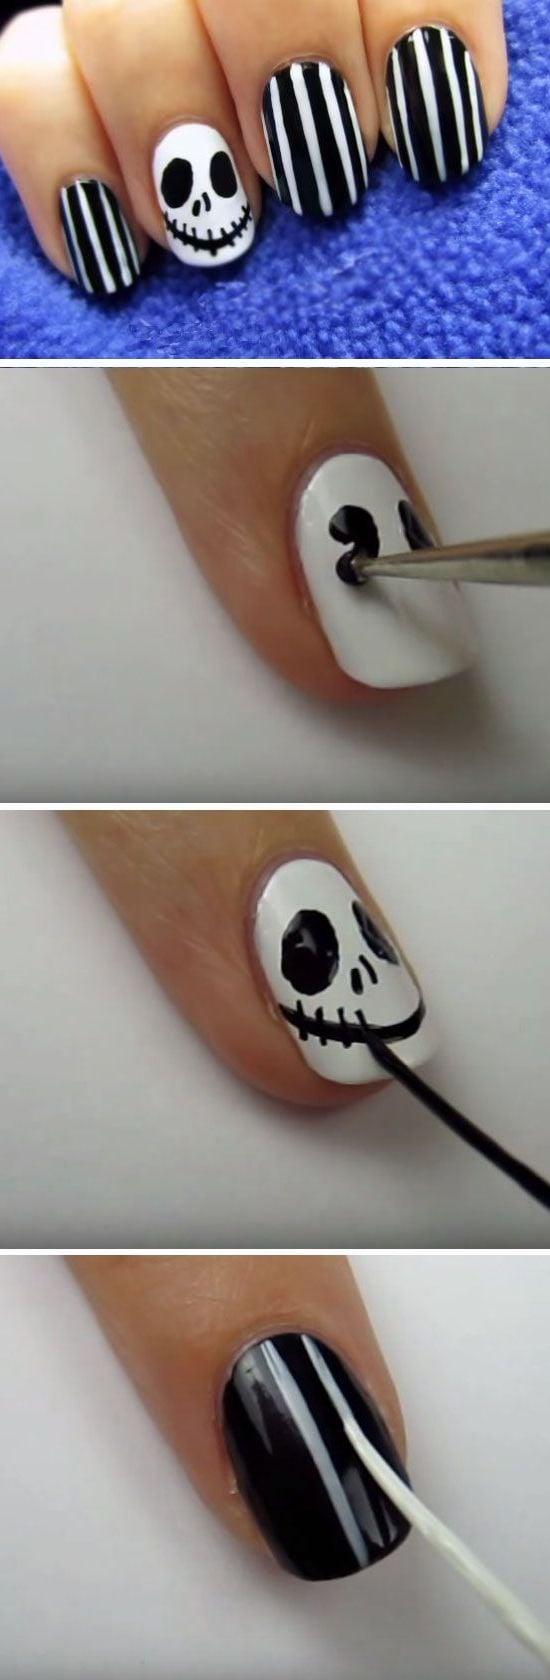 Halloween Nägel selber machen - 31 Anleitungen zum Selbermachen ...